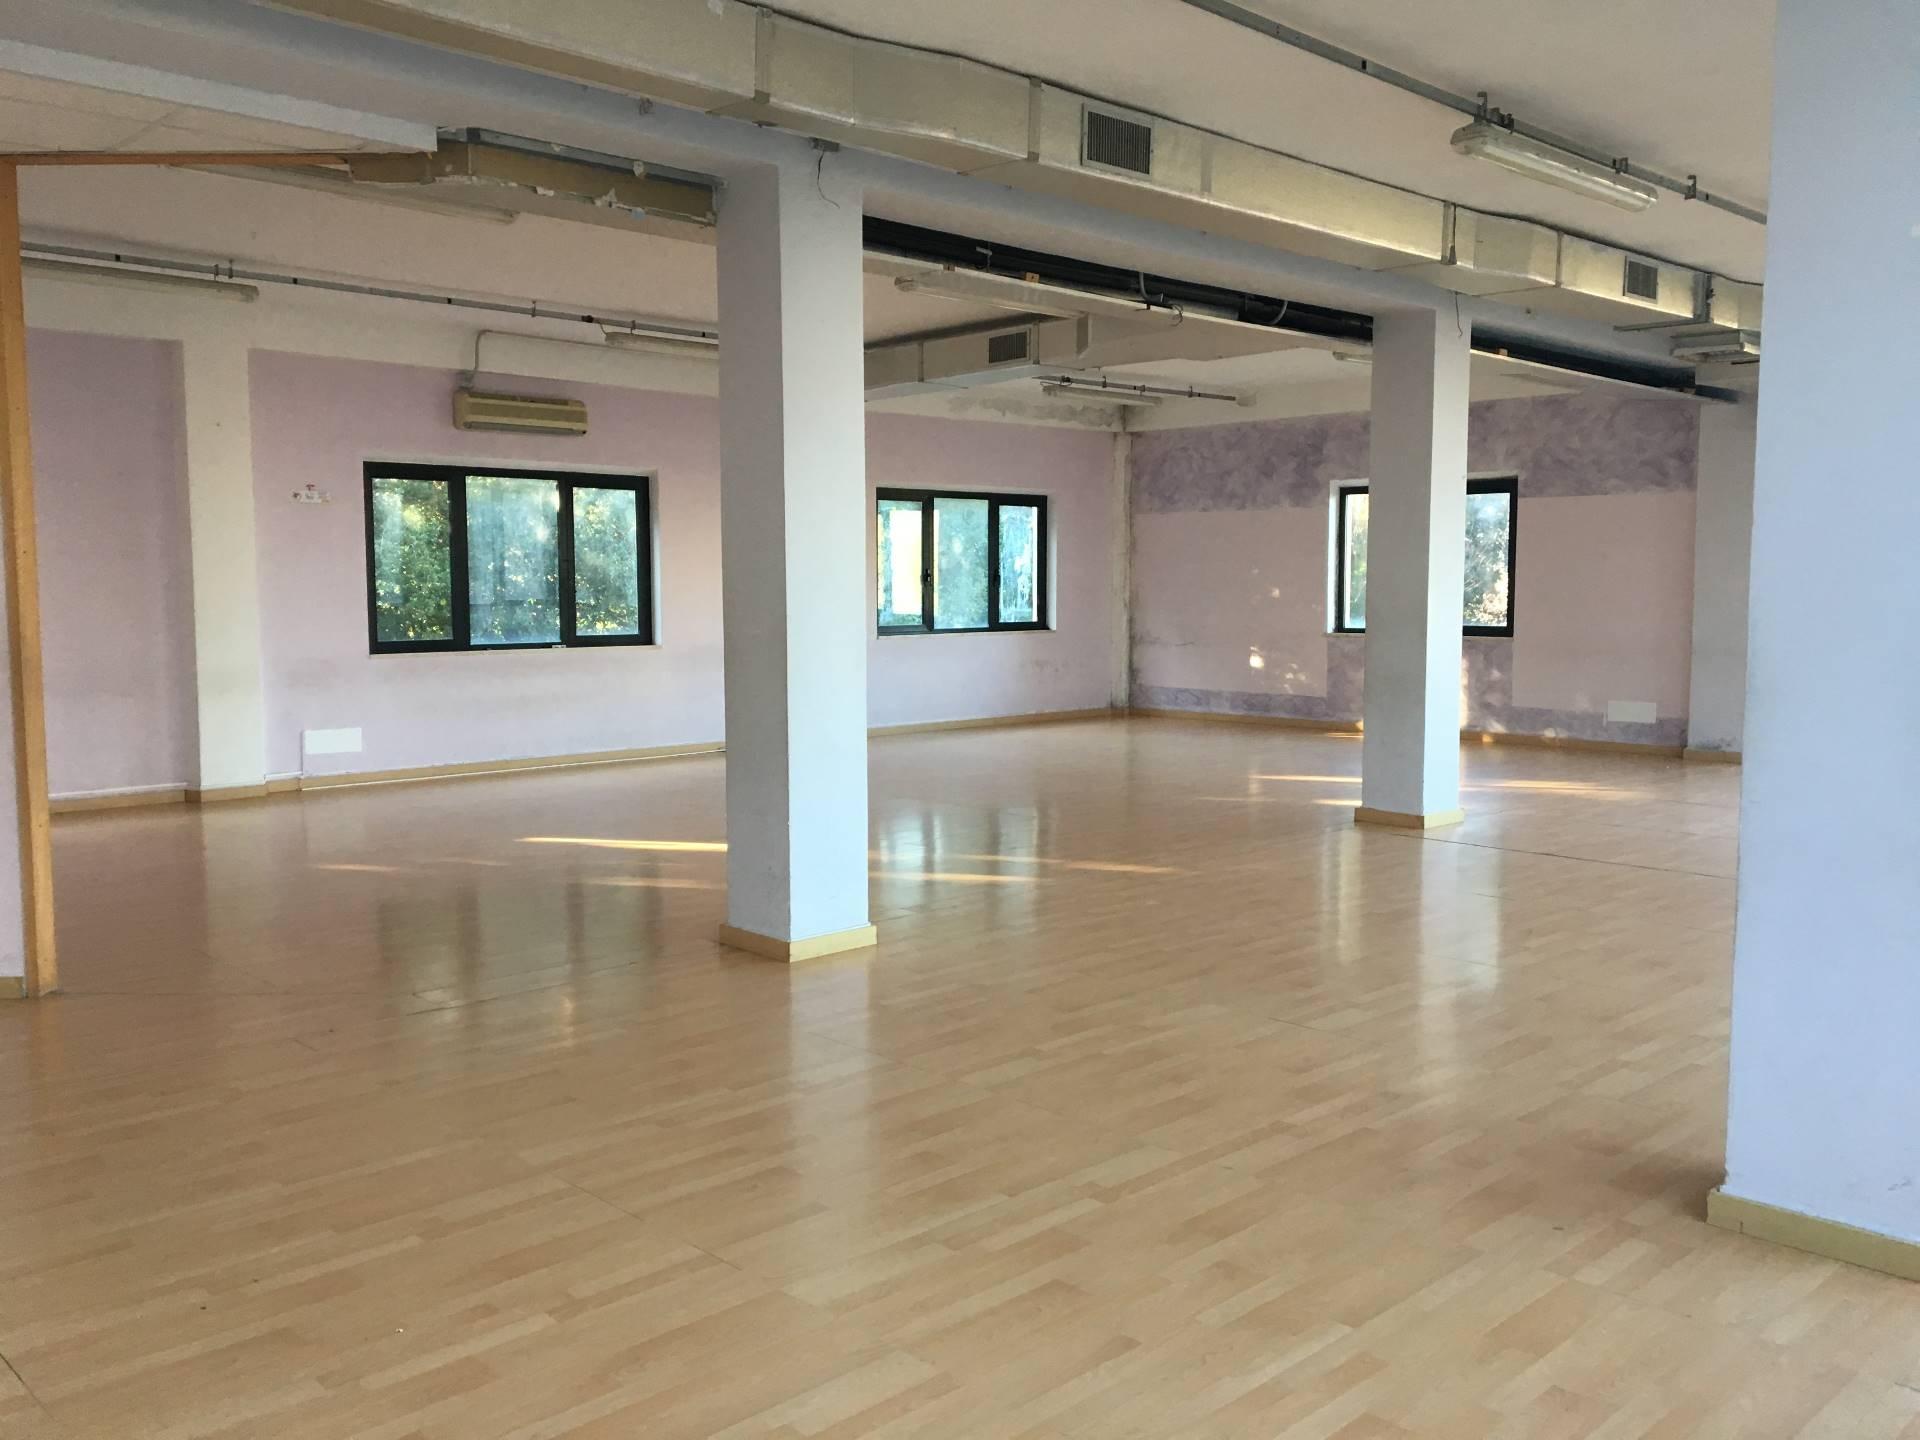 Studio ufficio in affitto a fermo cod ai81 for Affitti uso ufficio